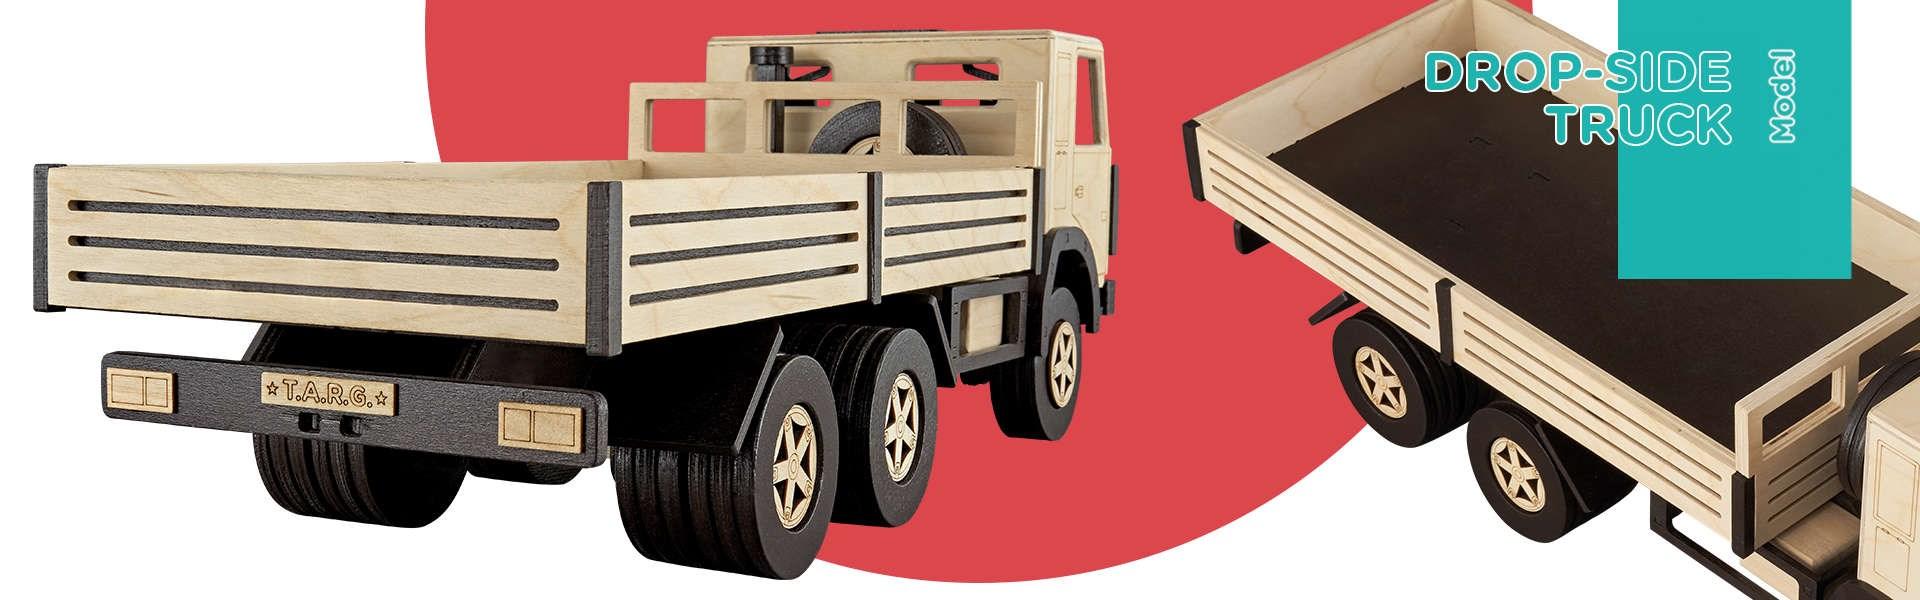 Сборная модель T.A.R.G. Бортовой грузовик - фото 4975